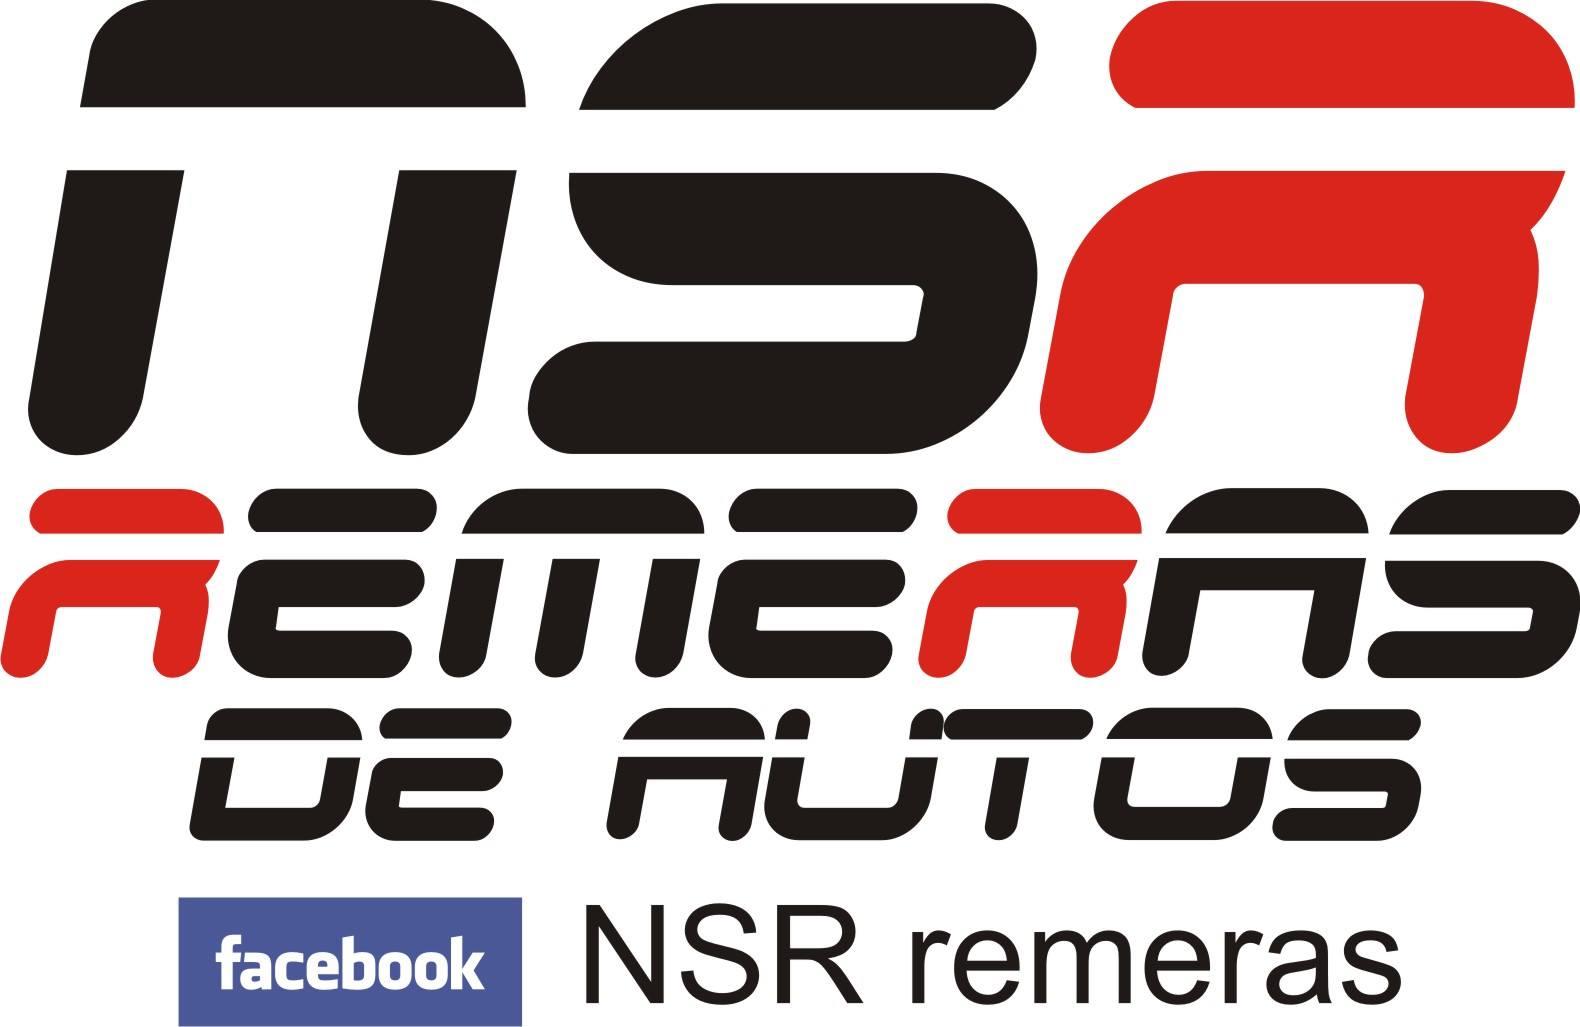 NSR remeras